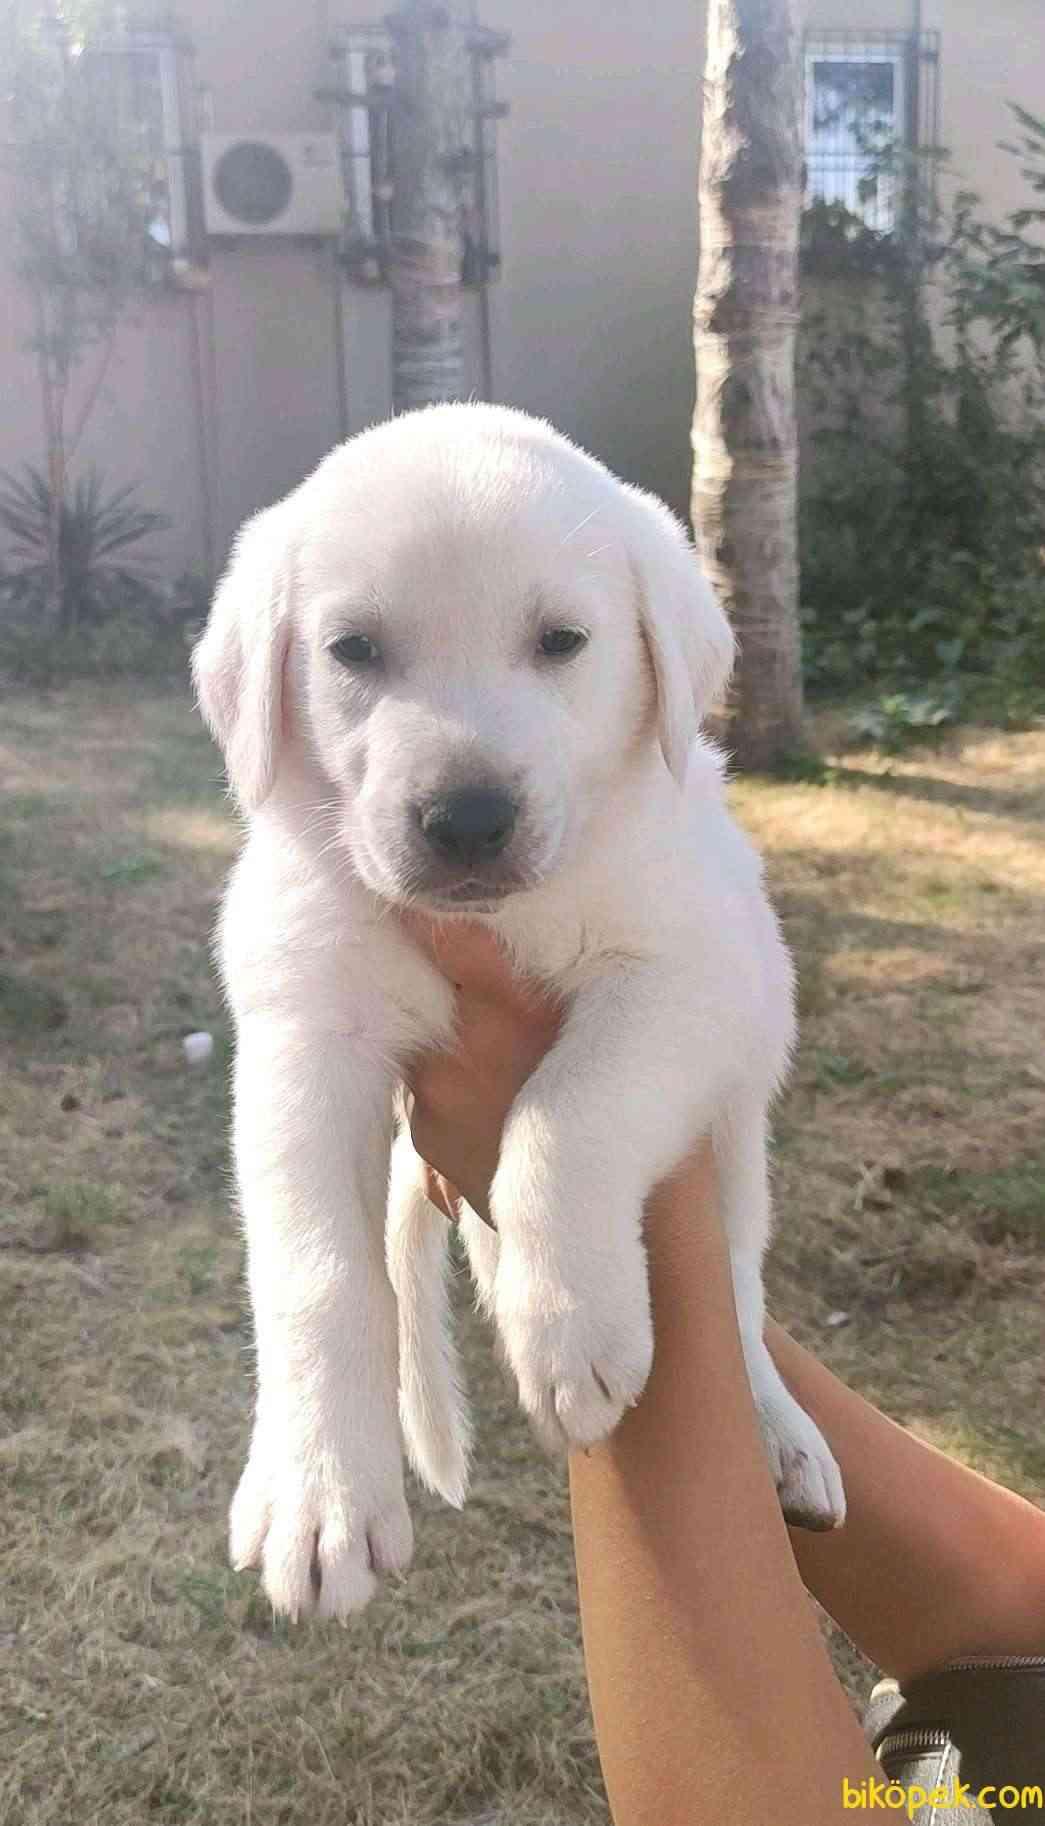 Dişi Bebek Yüzlü Şampanya Rengi Labrador Retriever Yavrular 2